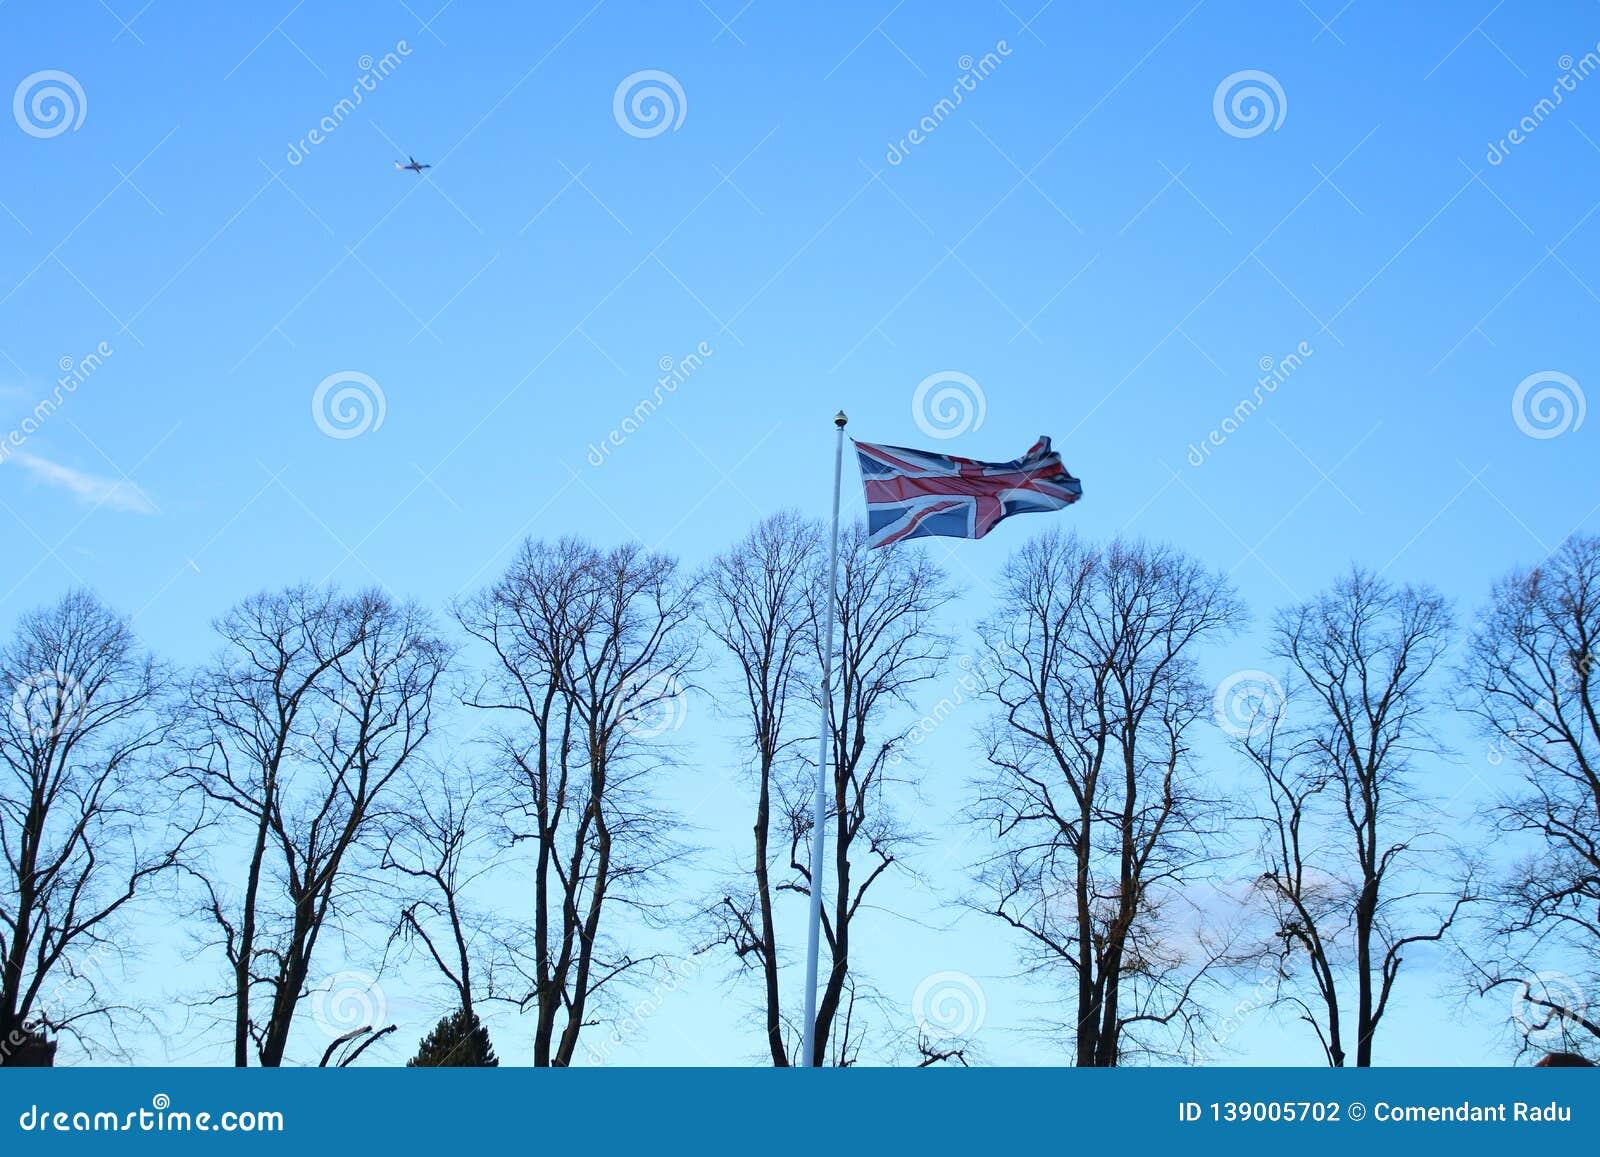 Großbritanniens Flagge, die im Wind flattert Tapete mit klarem blauem Himmel